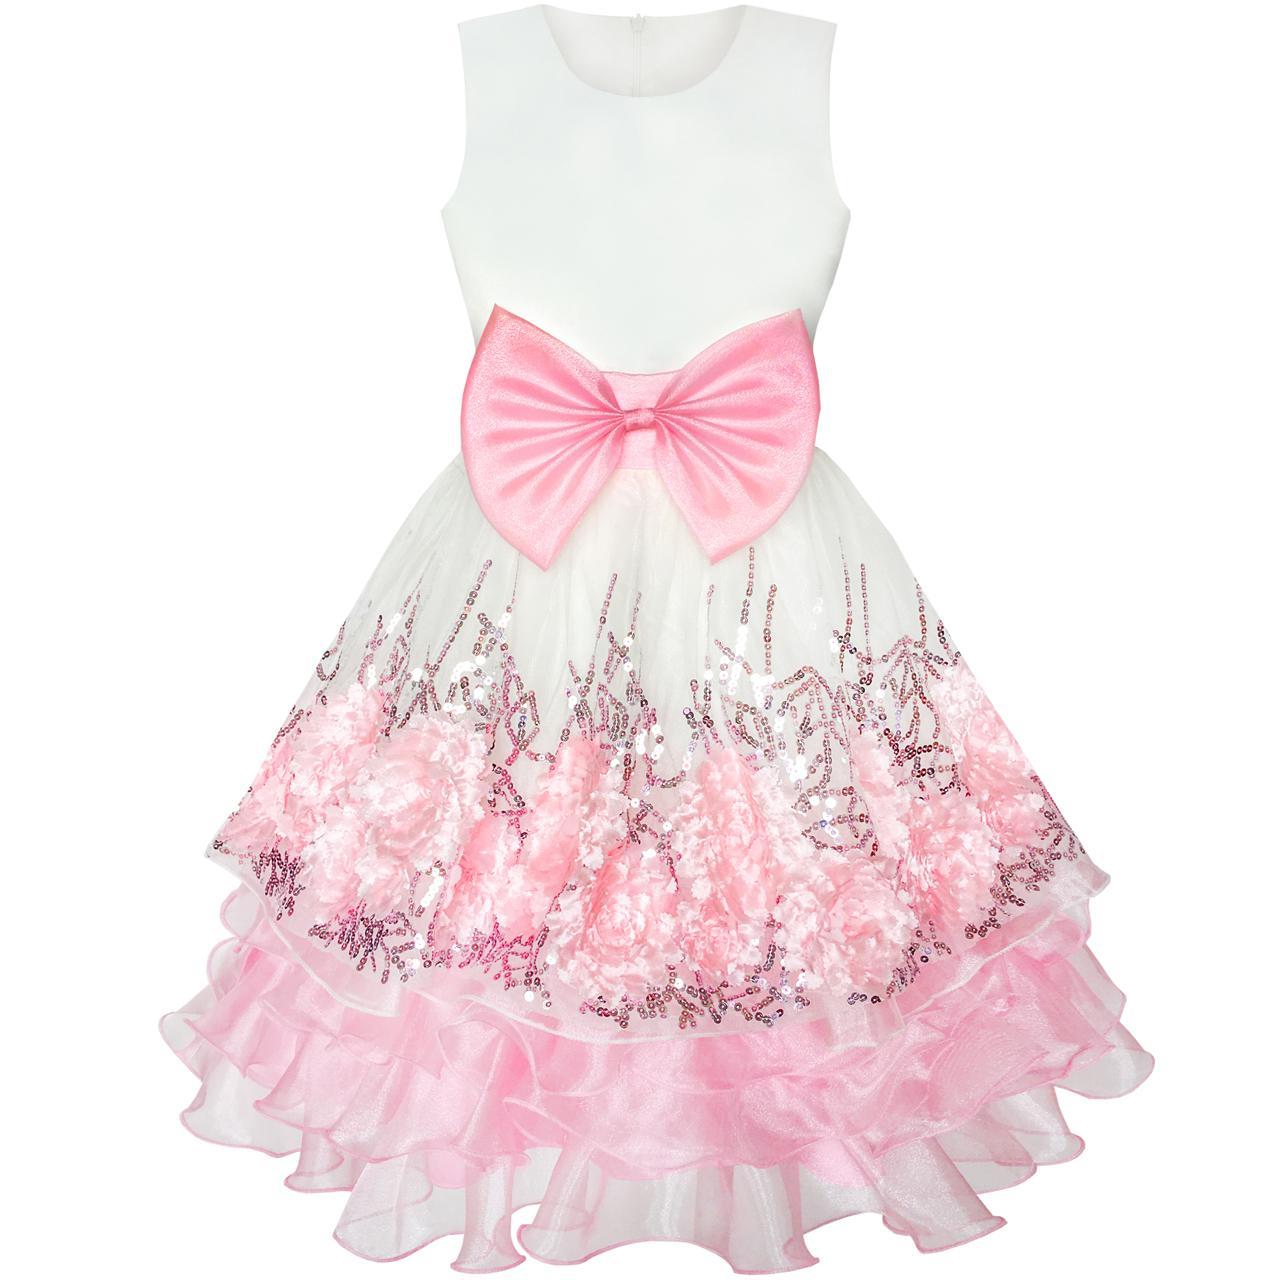 Sunny Fashion платья для девочек Цветок Розовый Цехин Размерный Цветы Галстук-бабочка Карнавальное шествие